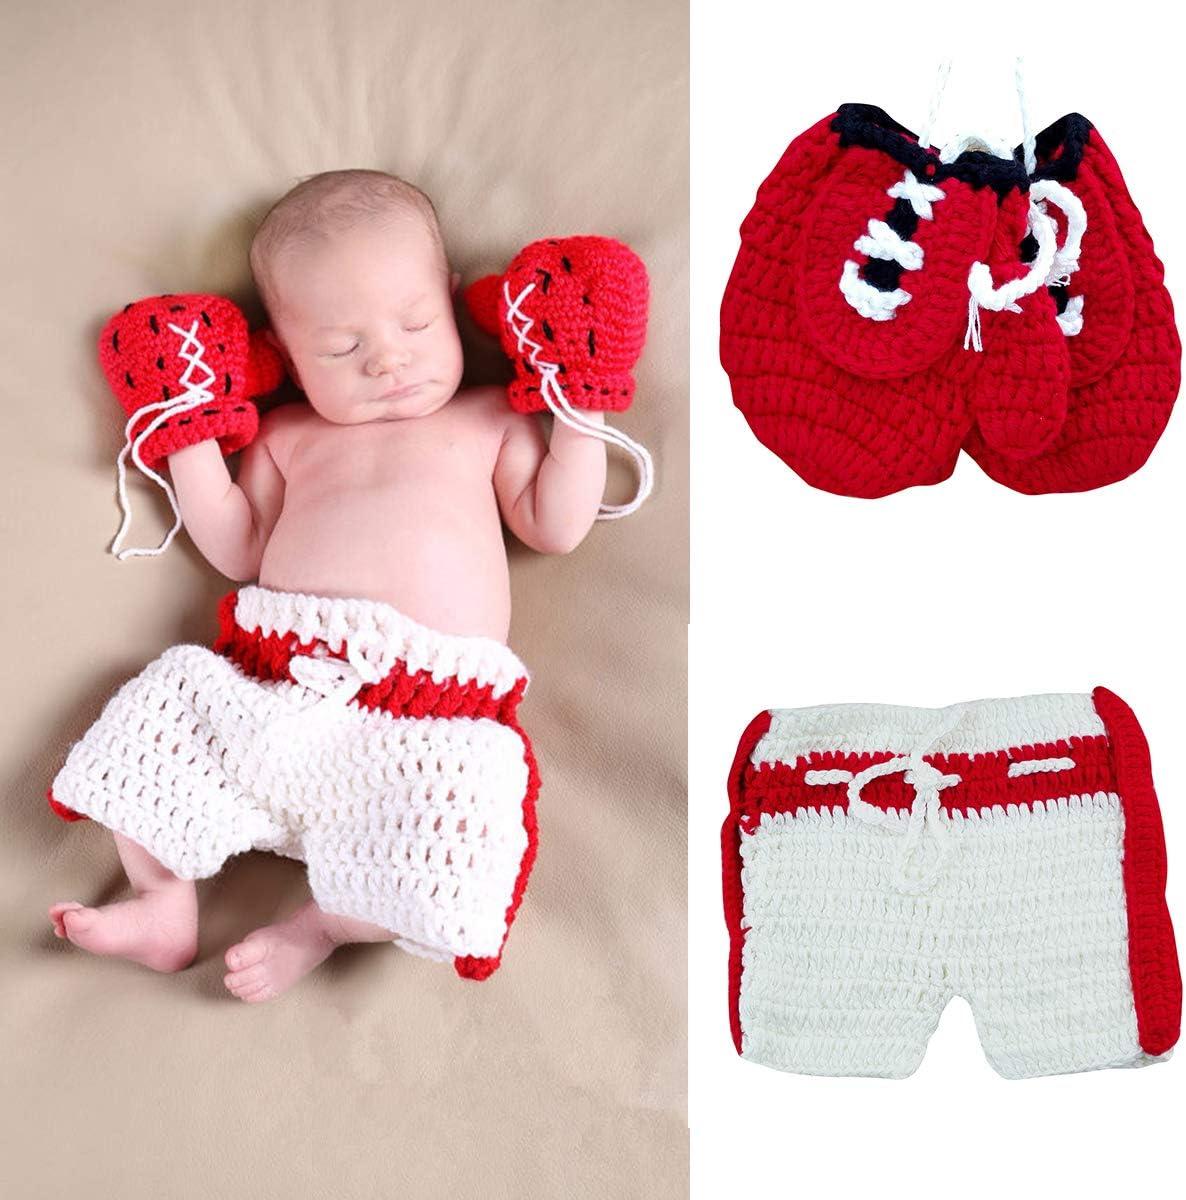 Tianhaik - Guantes de punto de ganchillo para fotografía de bebé recién nacido, para bebés de 0 a 3 meses, color rojo Guantes de boxeo rojos